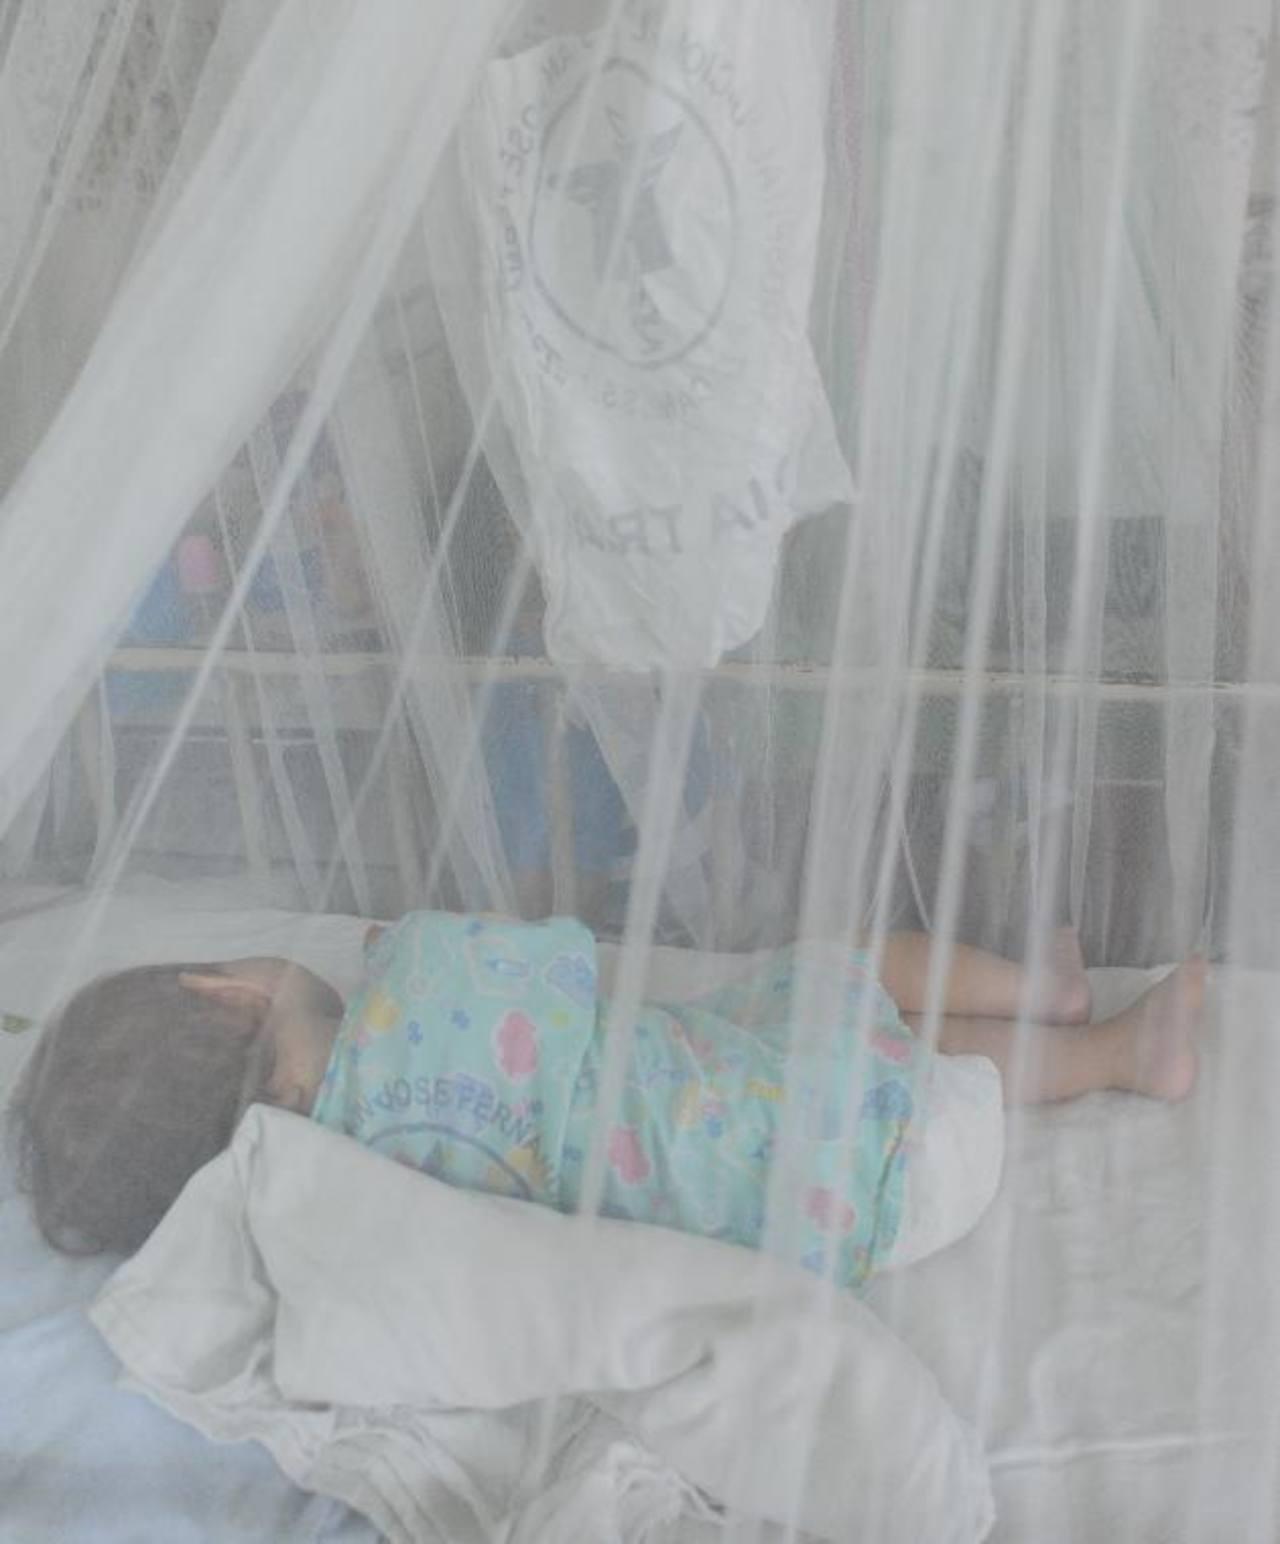 La detección de la fiebre chikungunya se suma a la epidemia de dengue